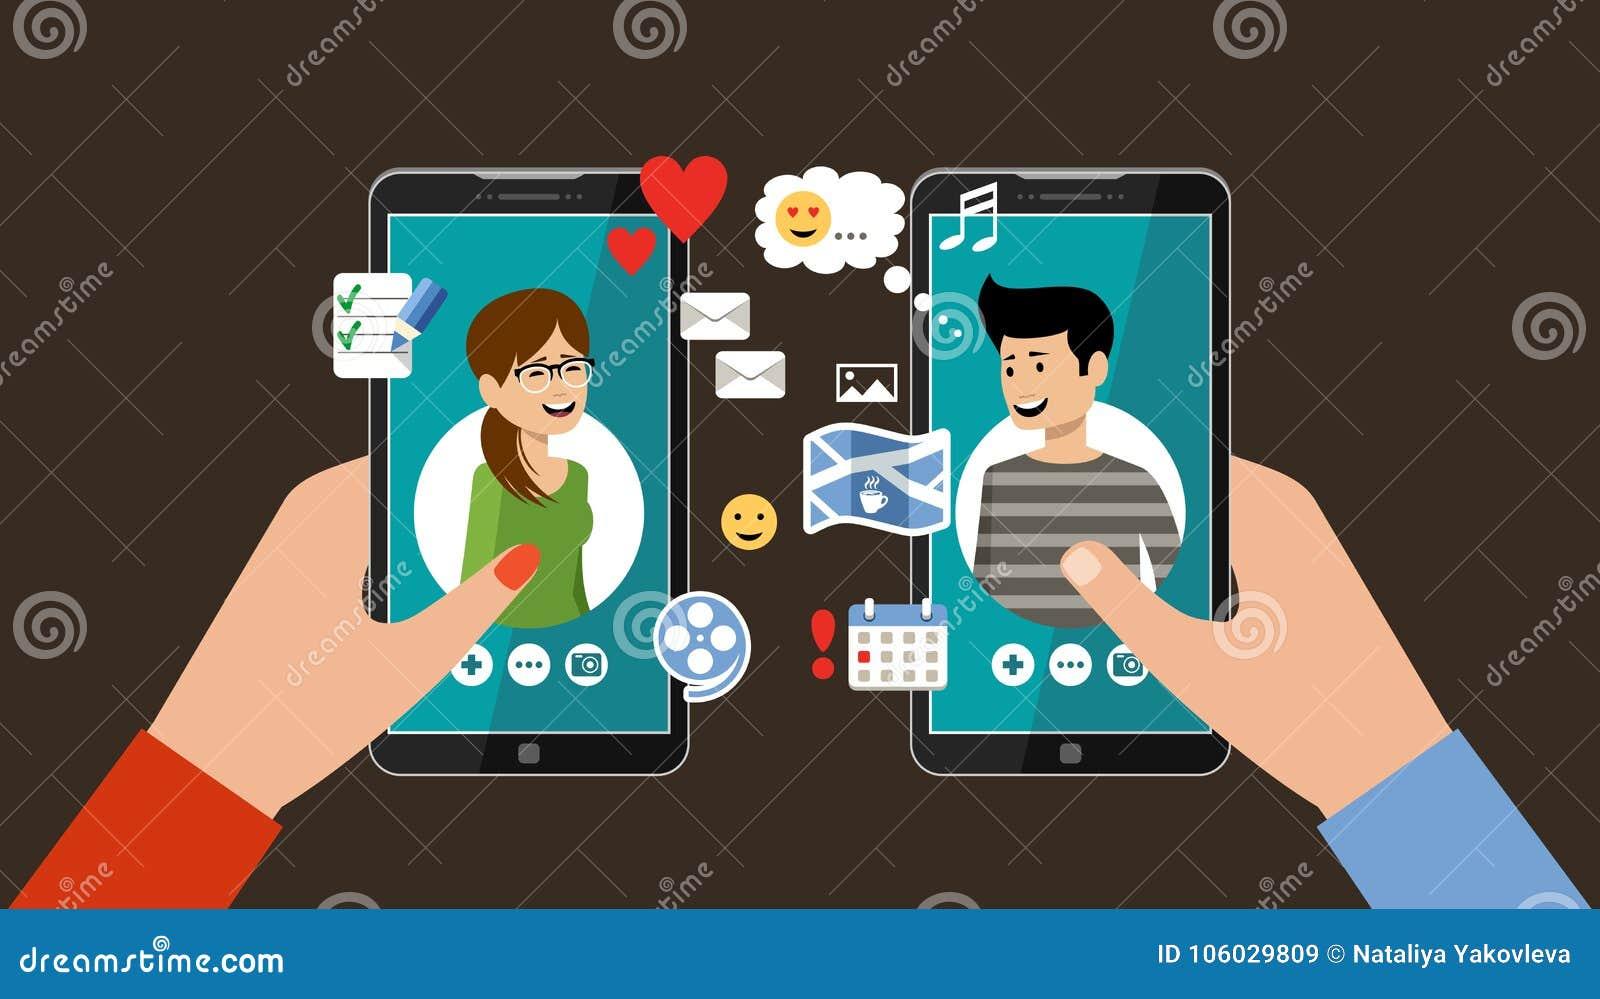 Fun online virtual dating games